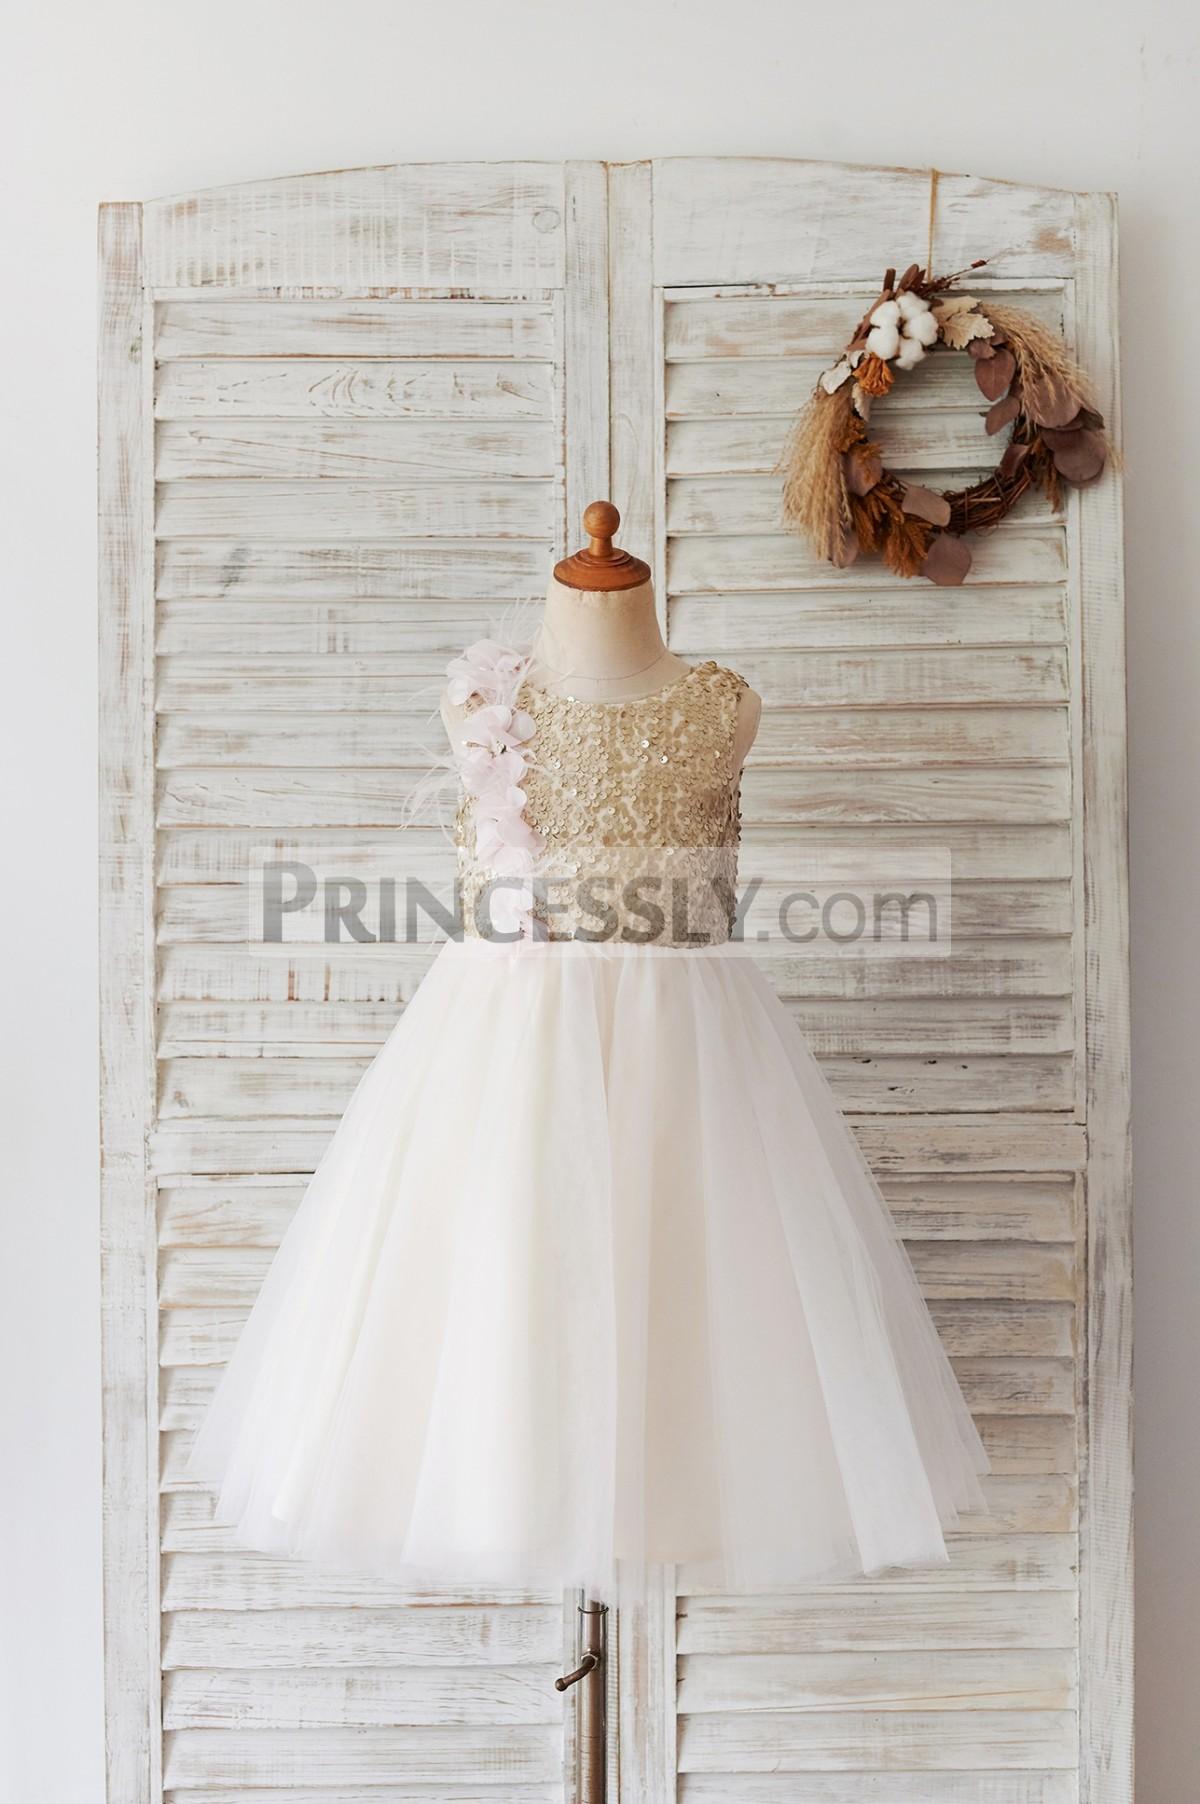 Princessly.com-K1004057-Champagne Sequin Tulle V Back Wedding Party Flower Girl Dress-31